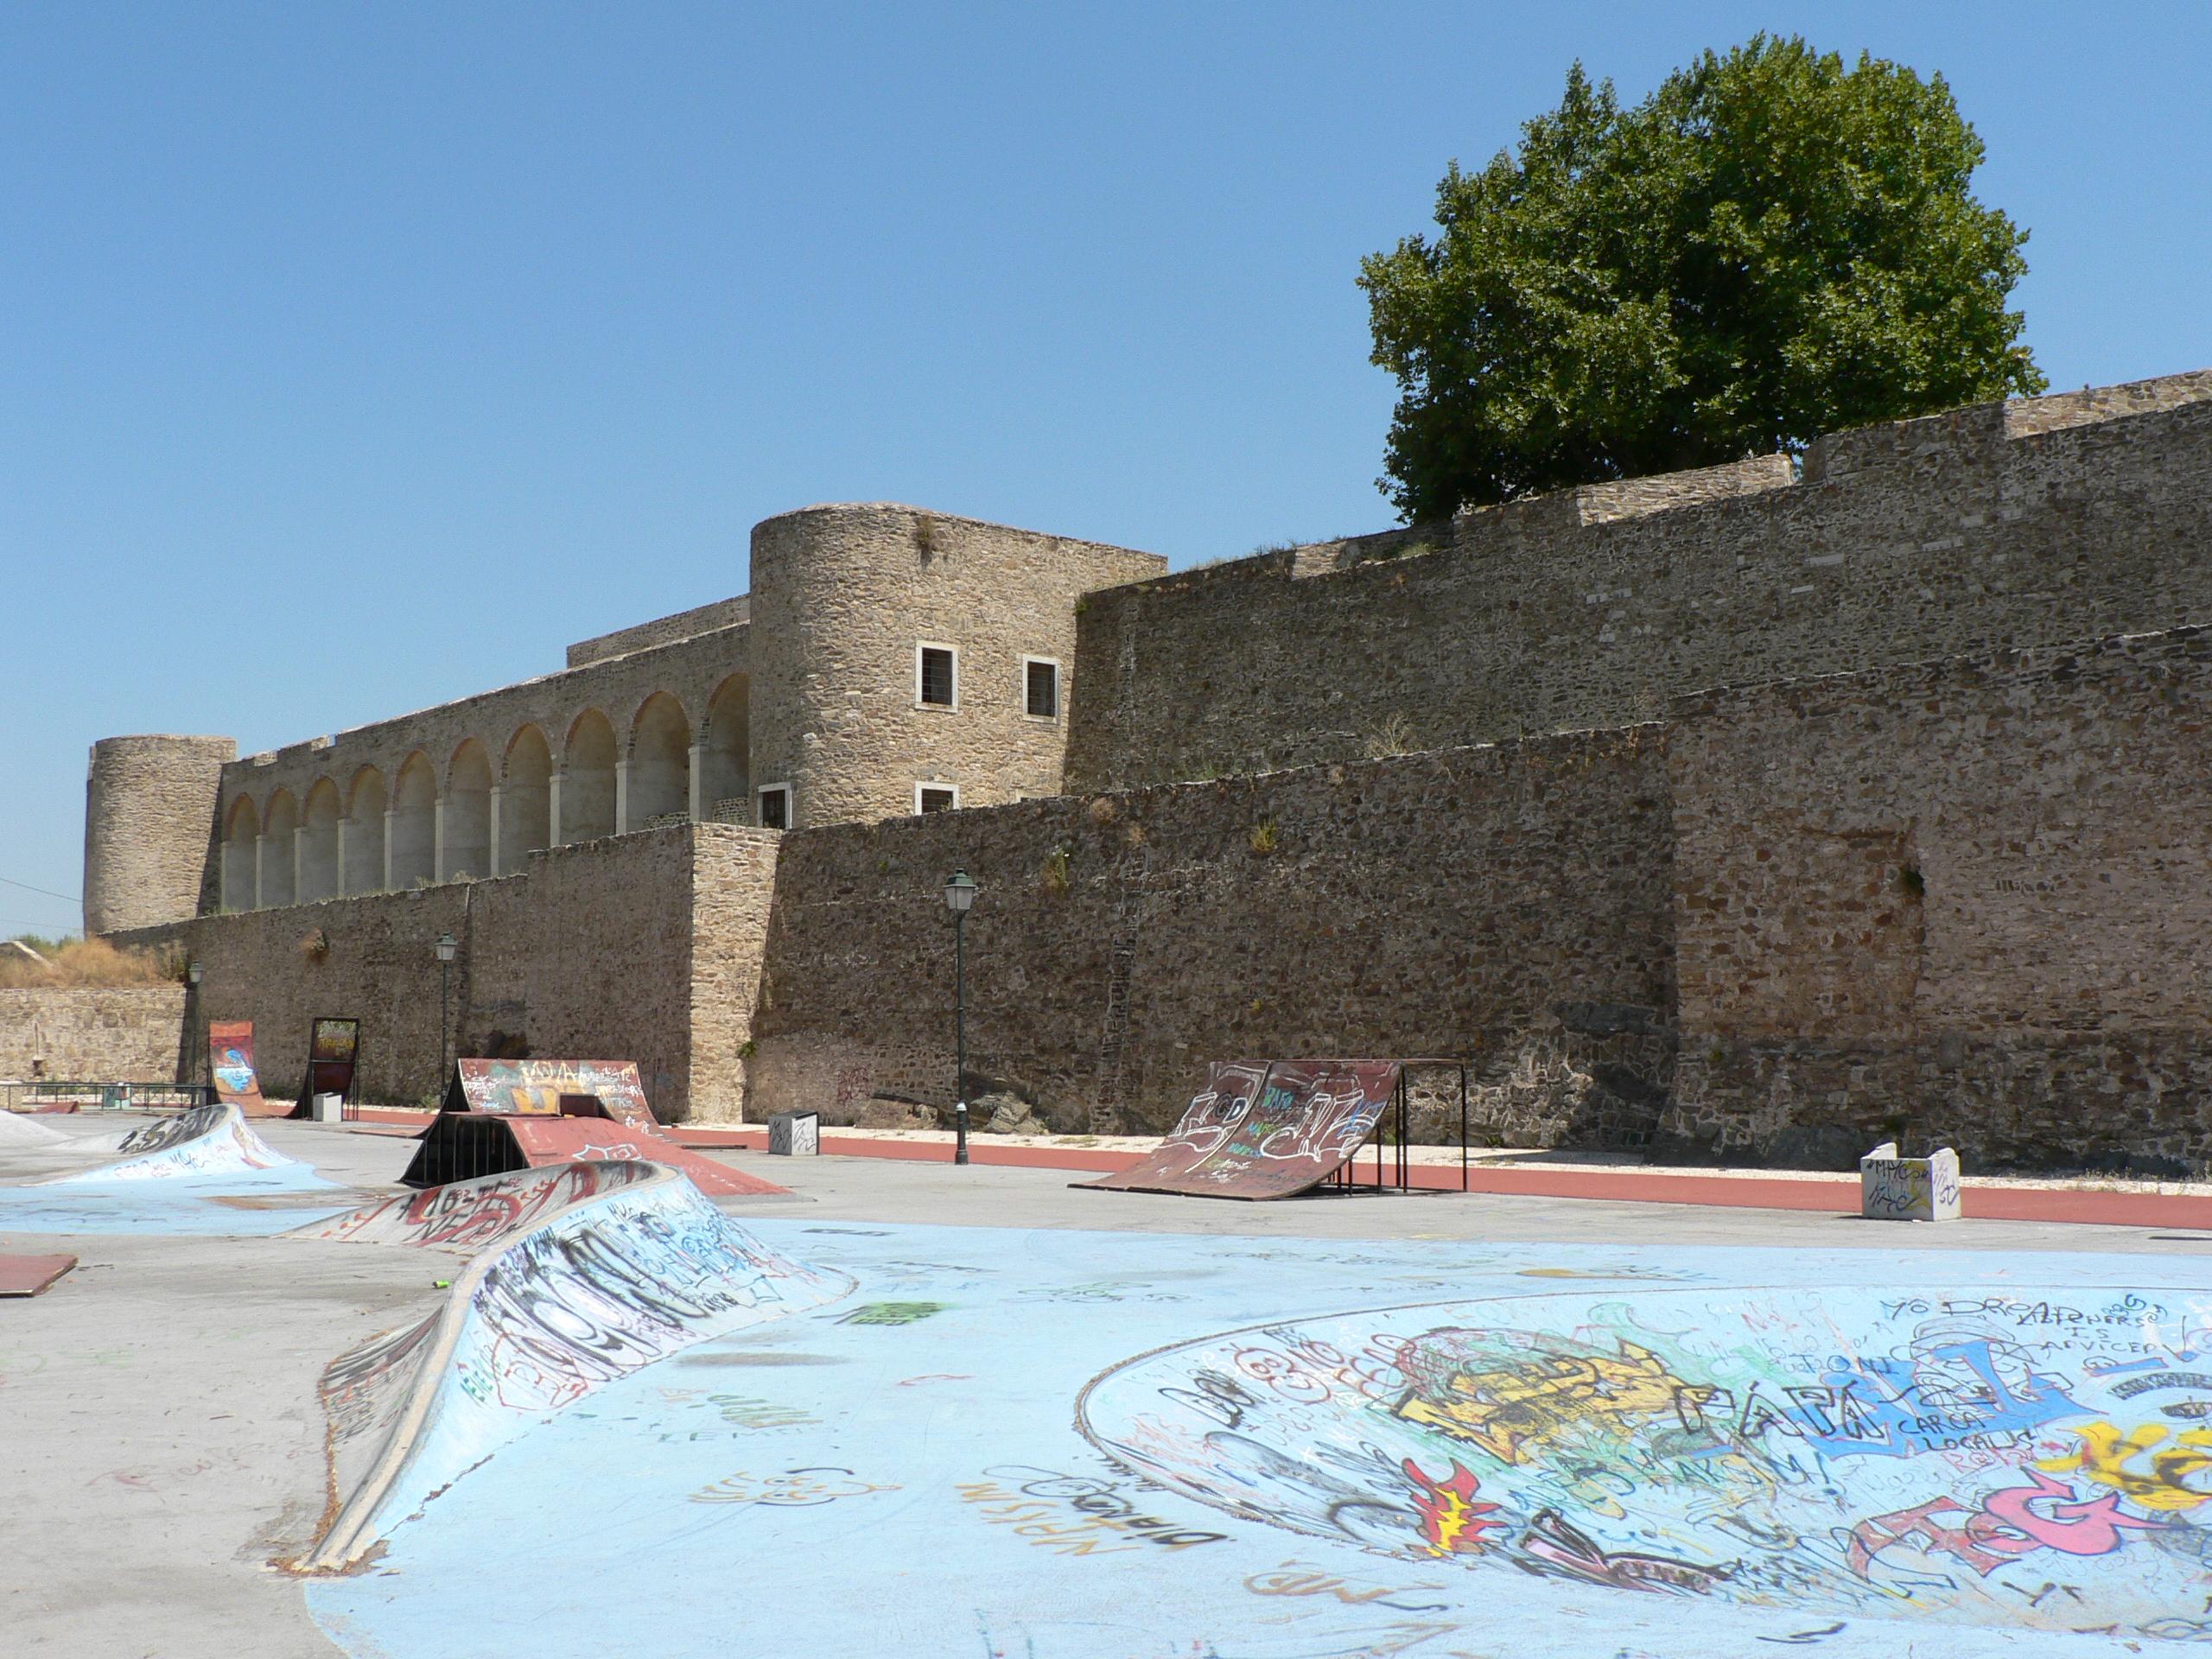 Castle of Abrantes - Wikipedia